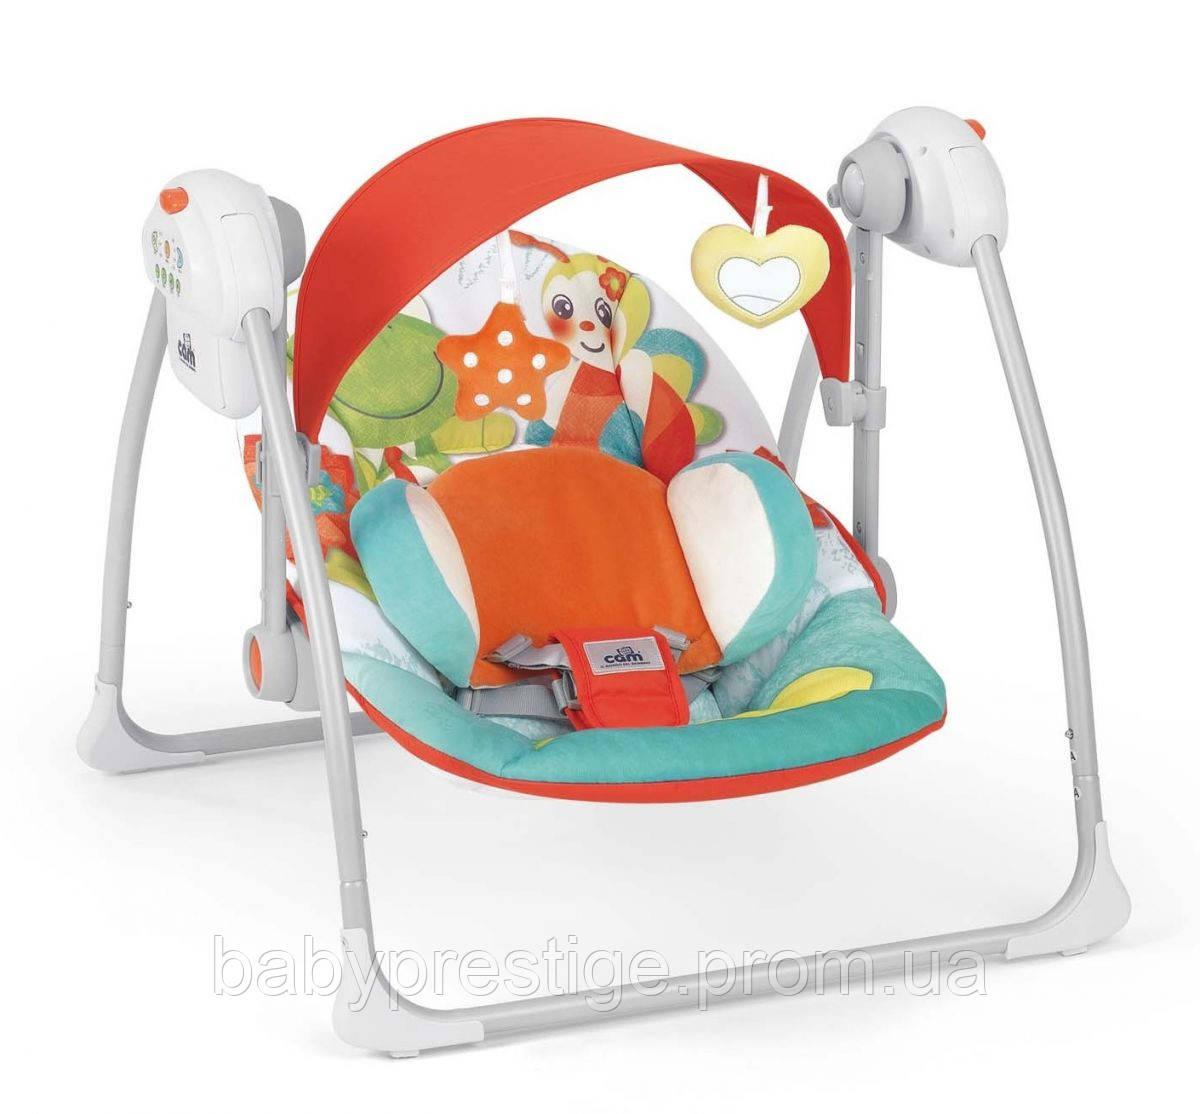 Кресло-качеля Cam Sonnolento, цвет 220